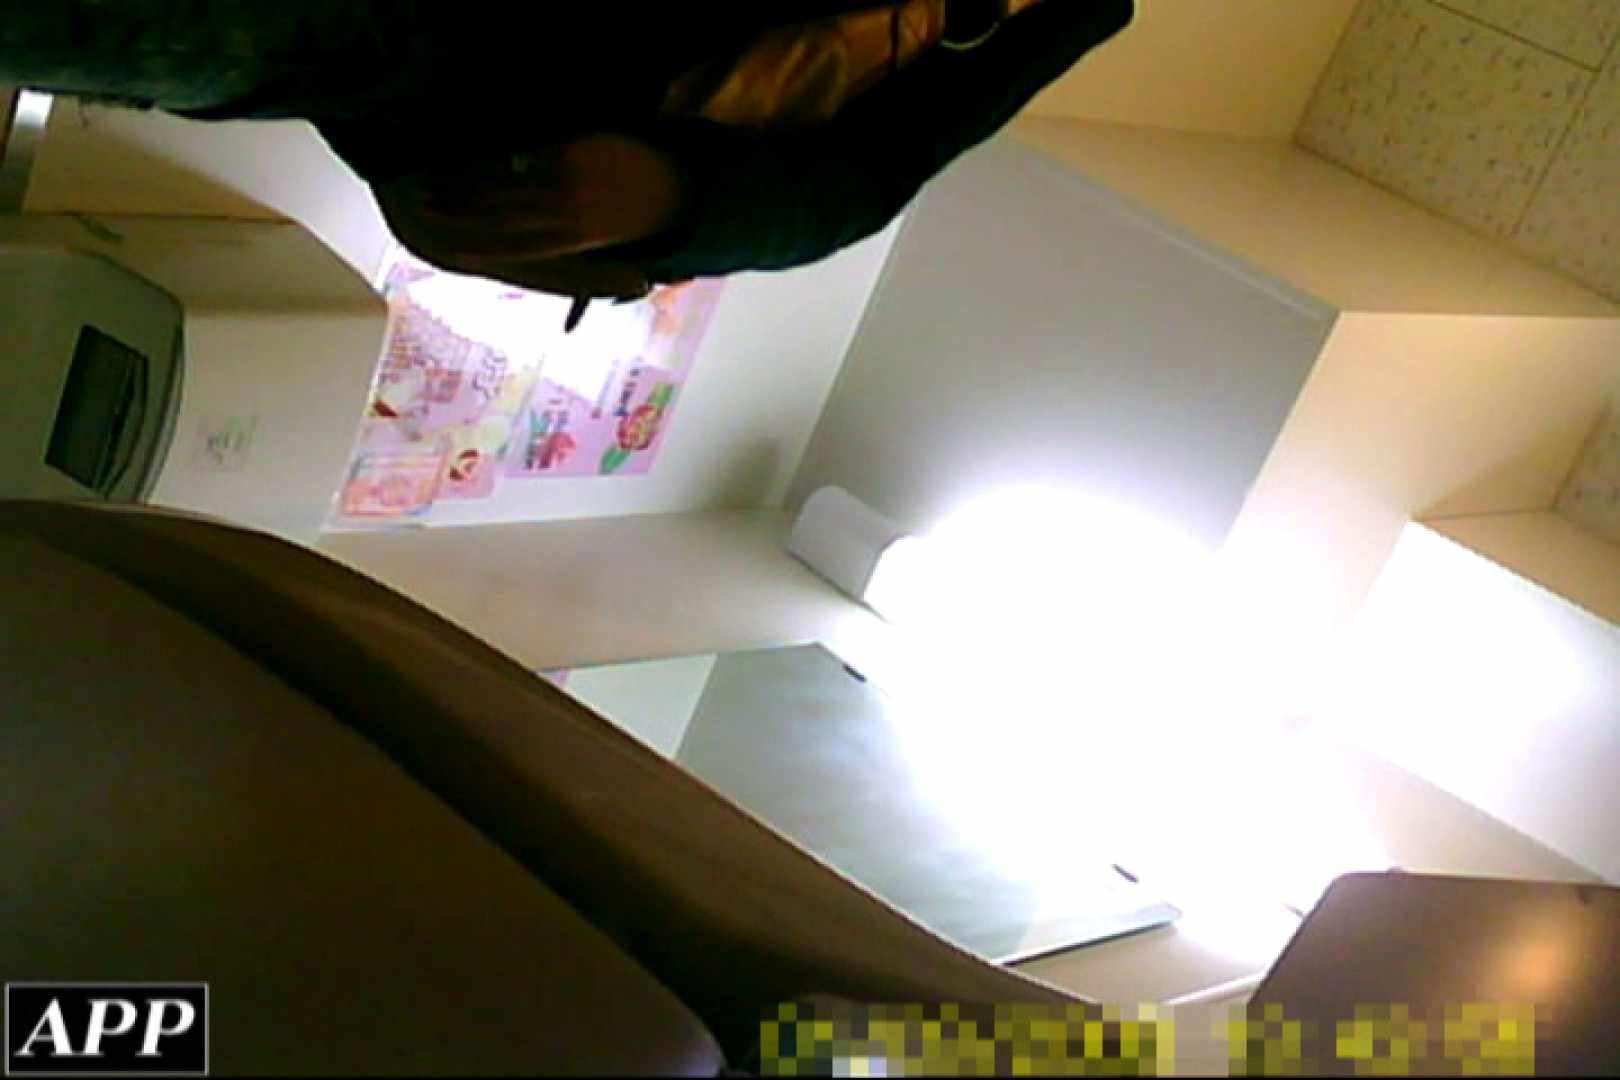 3視点洗面所 vol.108 洗面所のぞき AV無料動画キャプチャ 96枚 53